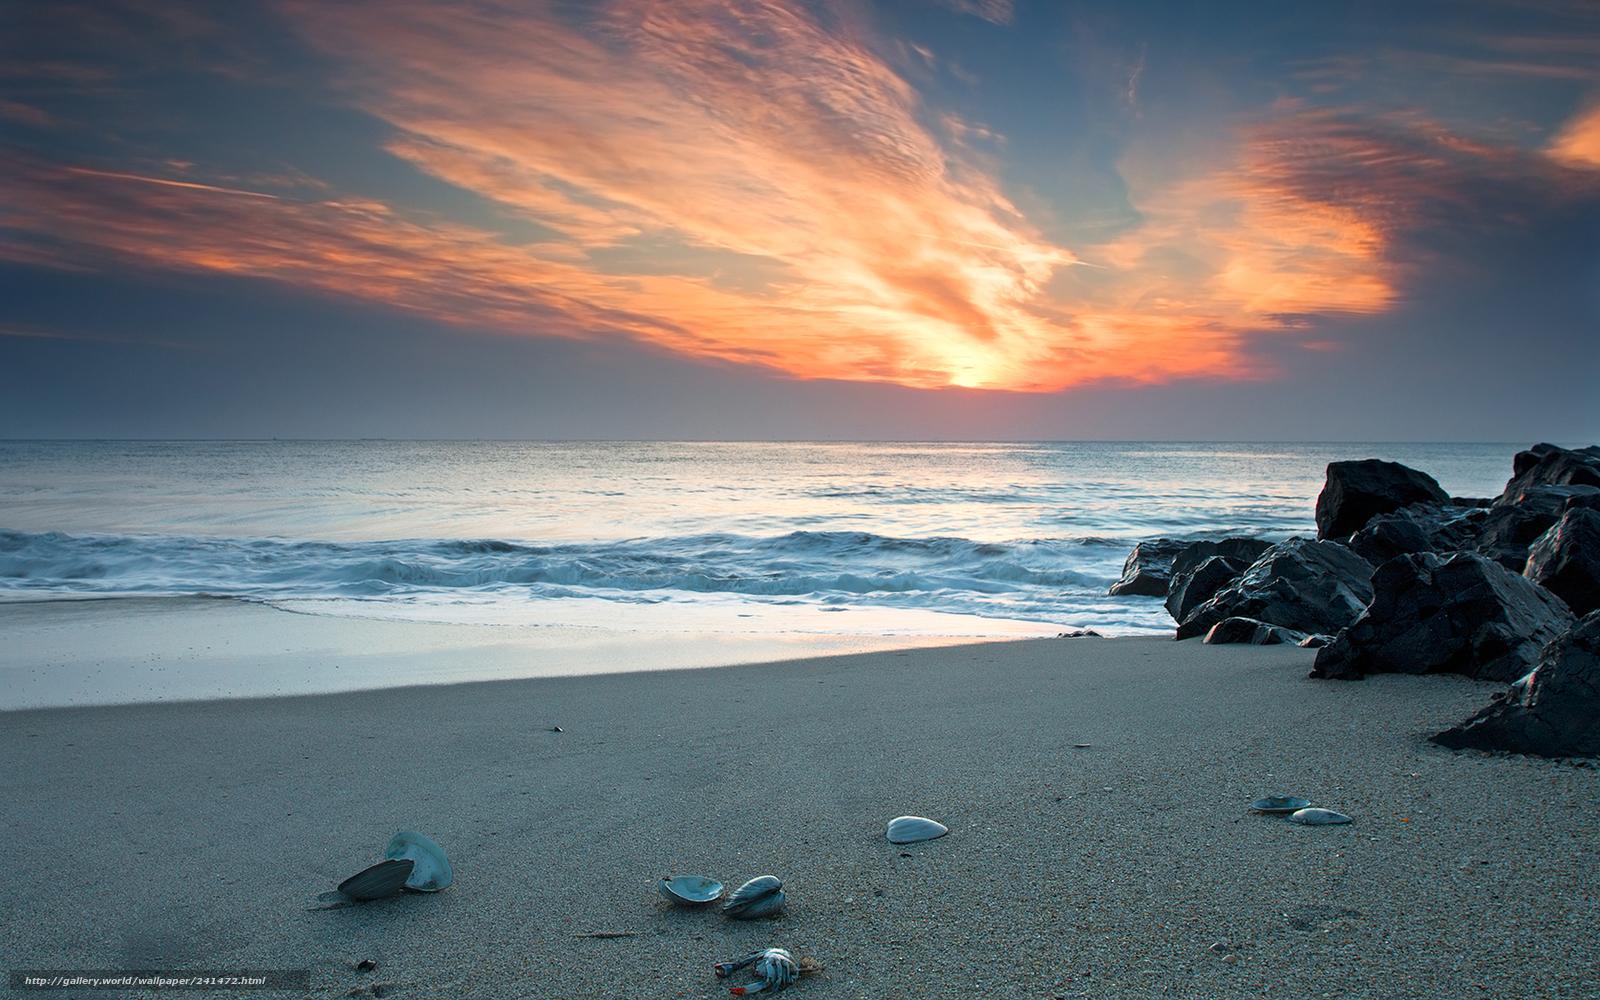 Scaricare gli sfondi bellezza sfondi paesaggi bellissimi for Paesaggi bellissimi per desktop